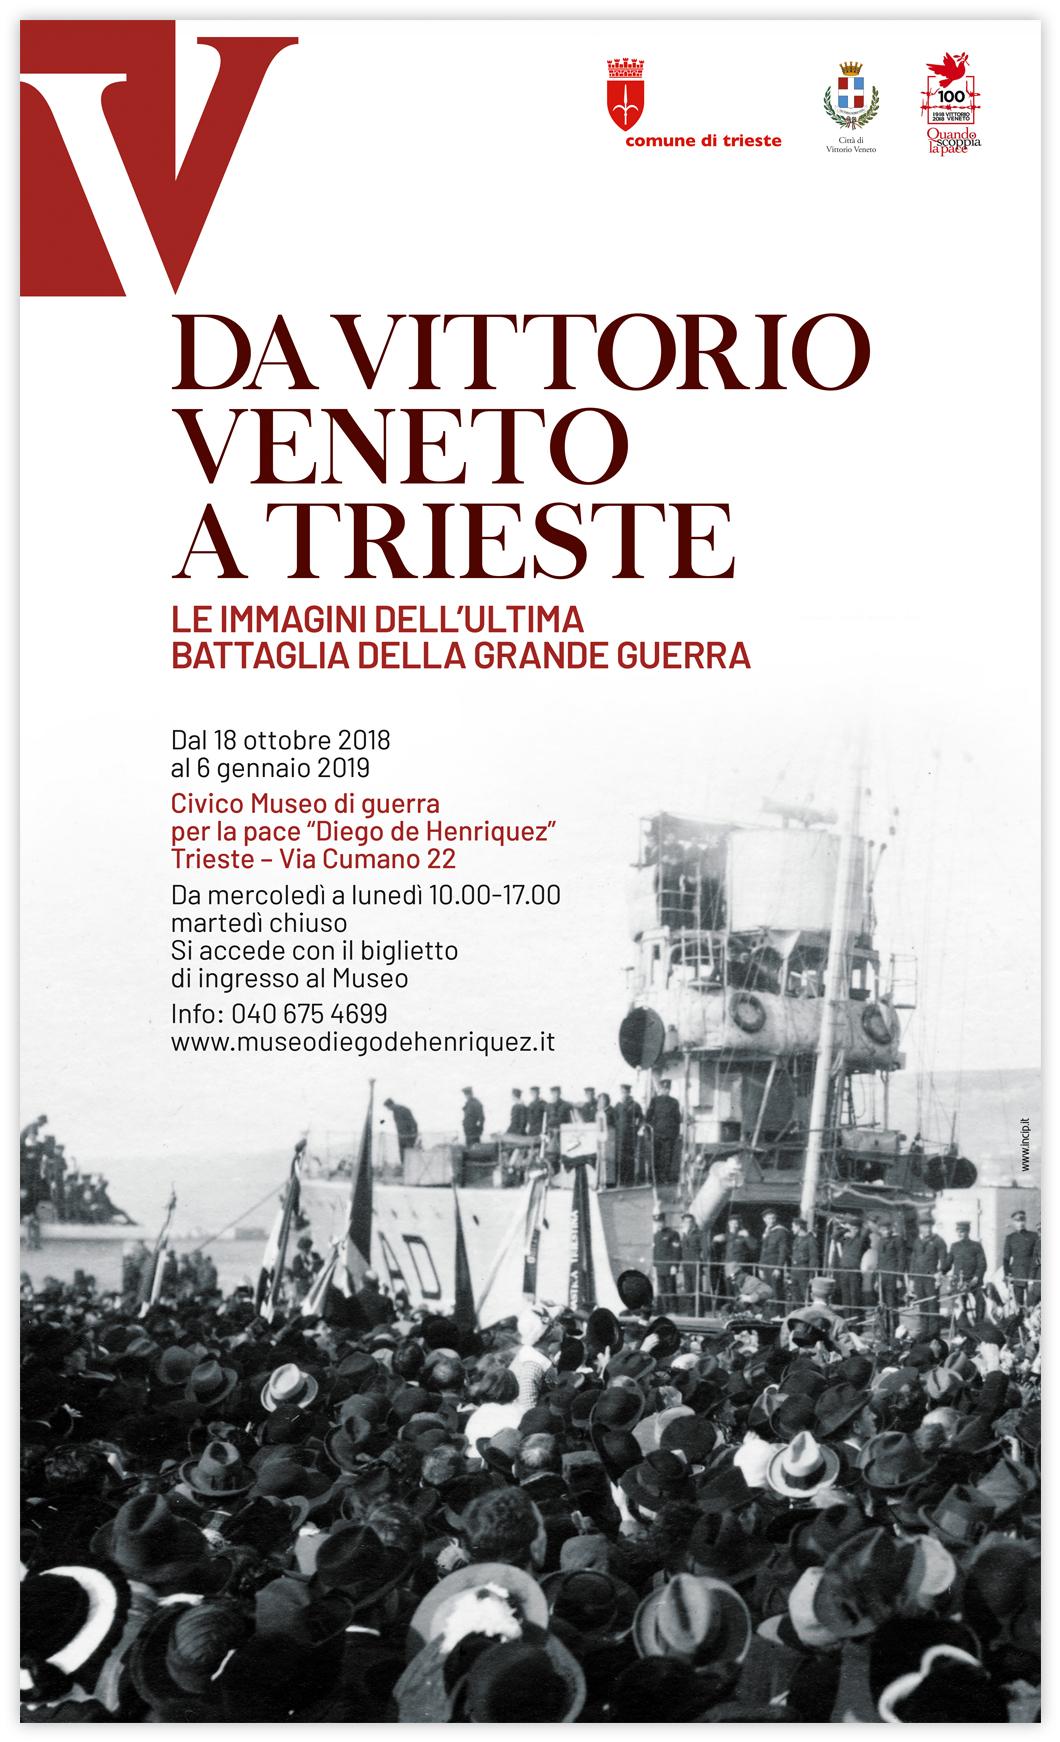 01_Loc Vittorio veneto